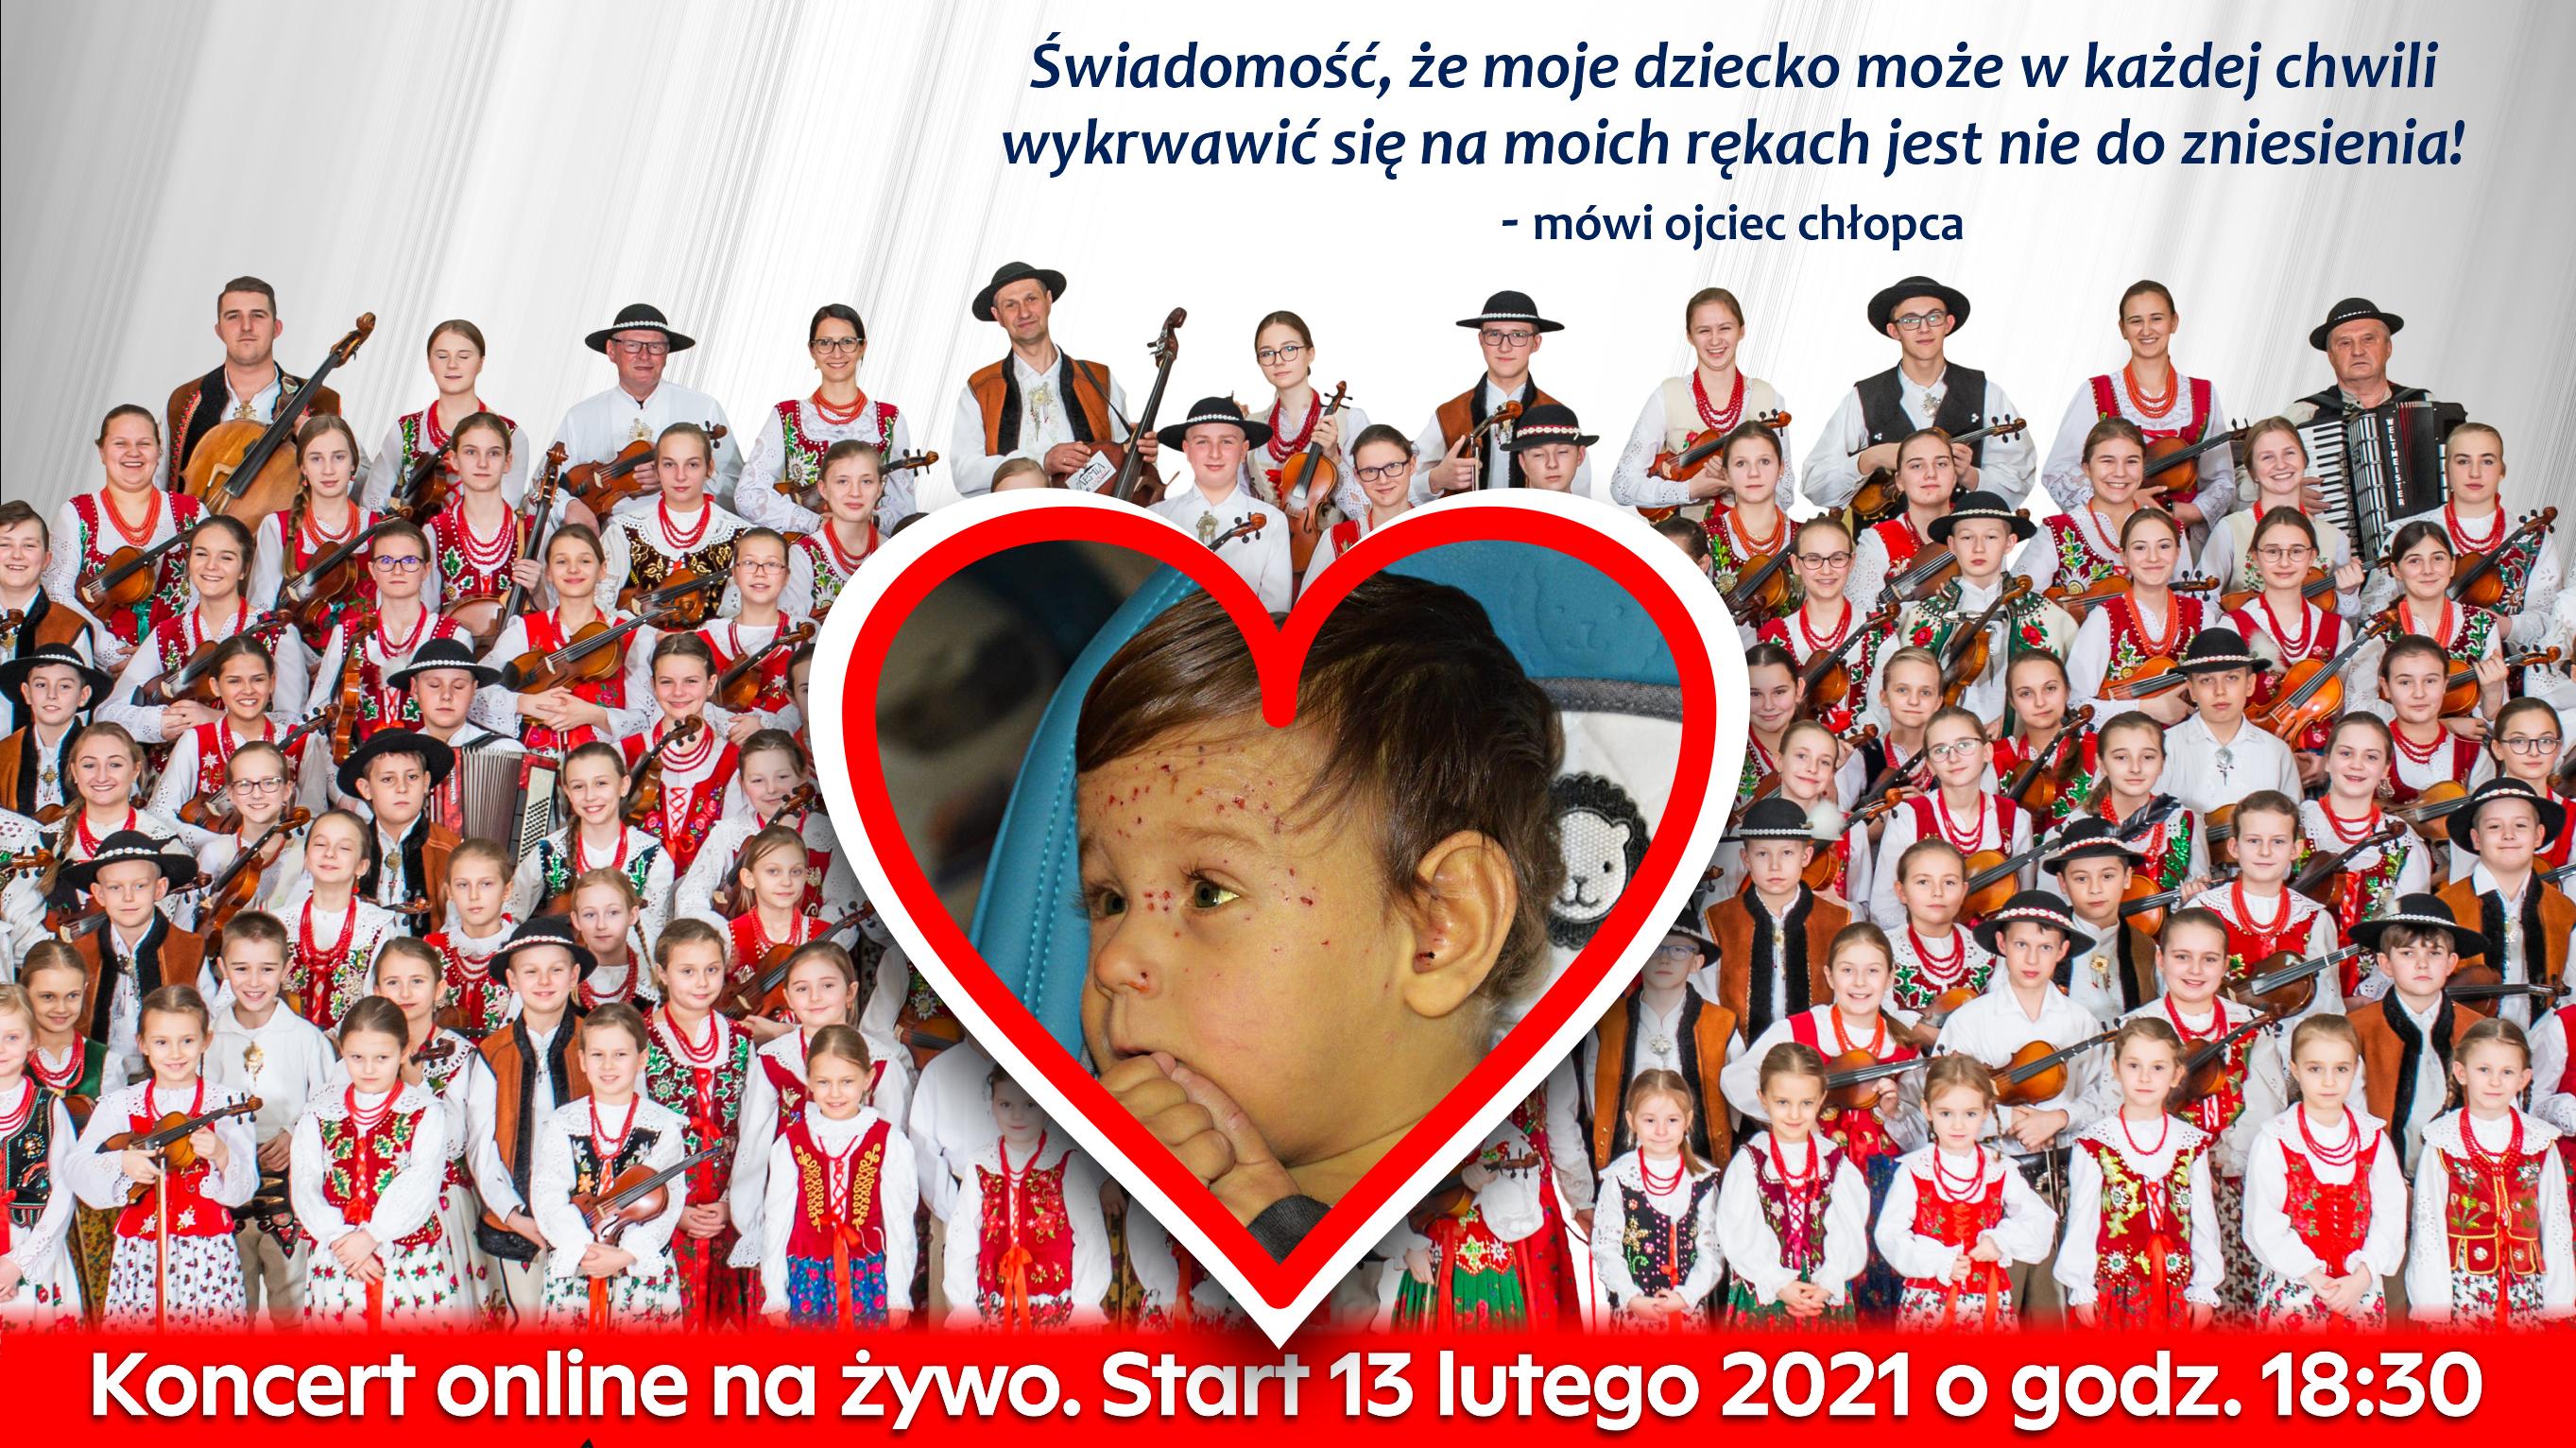 Plakat - koncert charytatywny online na rzezcz ciężko chorego Marcela Kubaki. Plakat przedstawia chore dziecko na tle zespołów regionalnych.